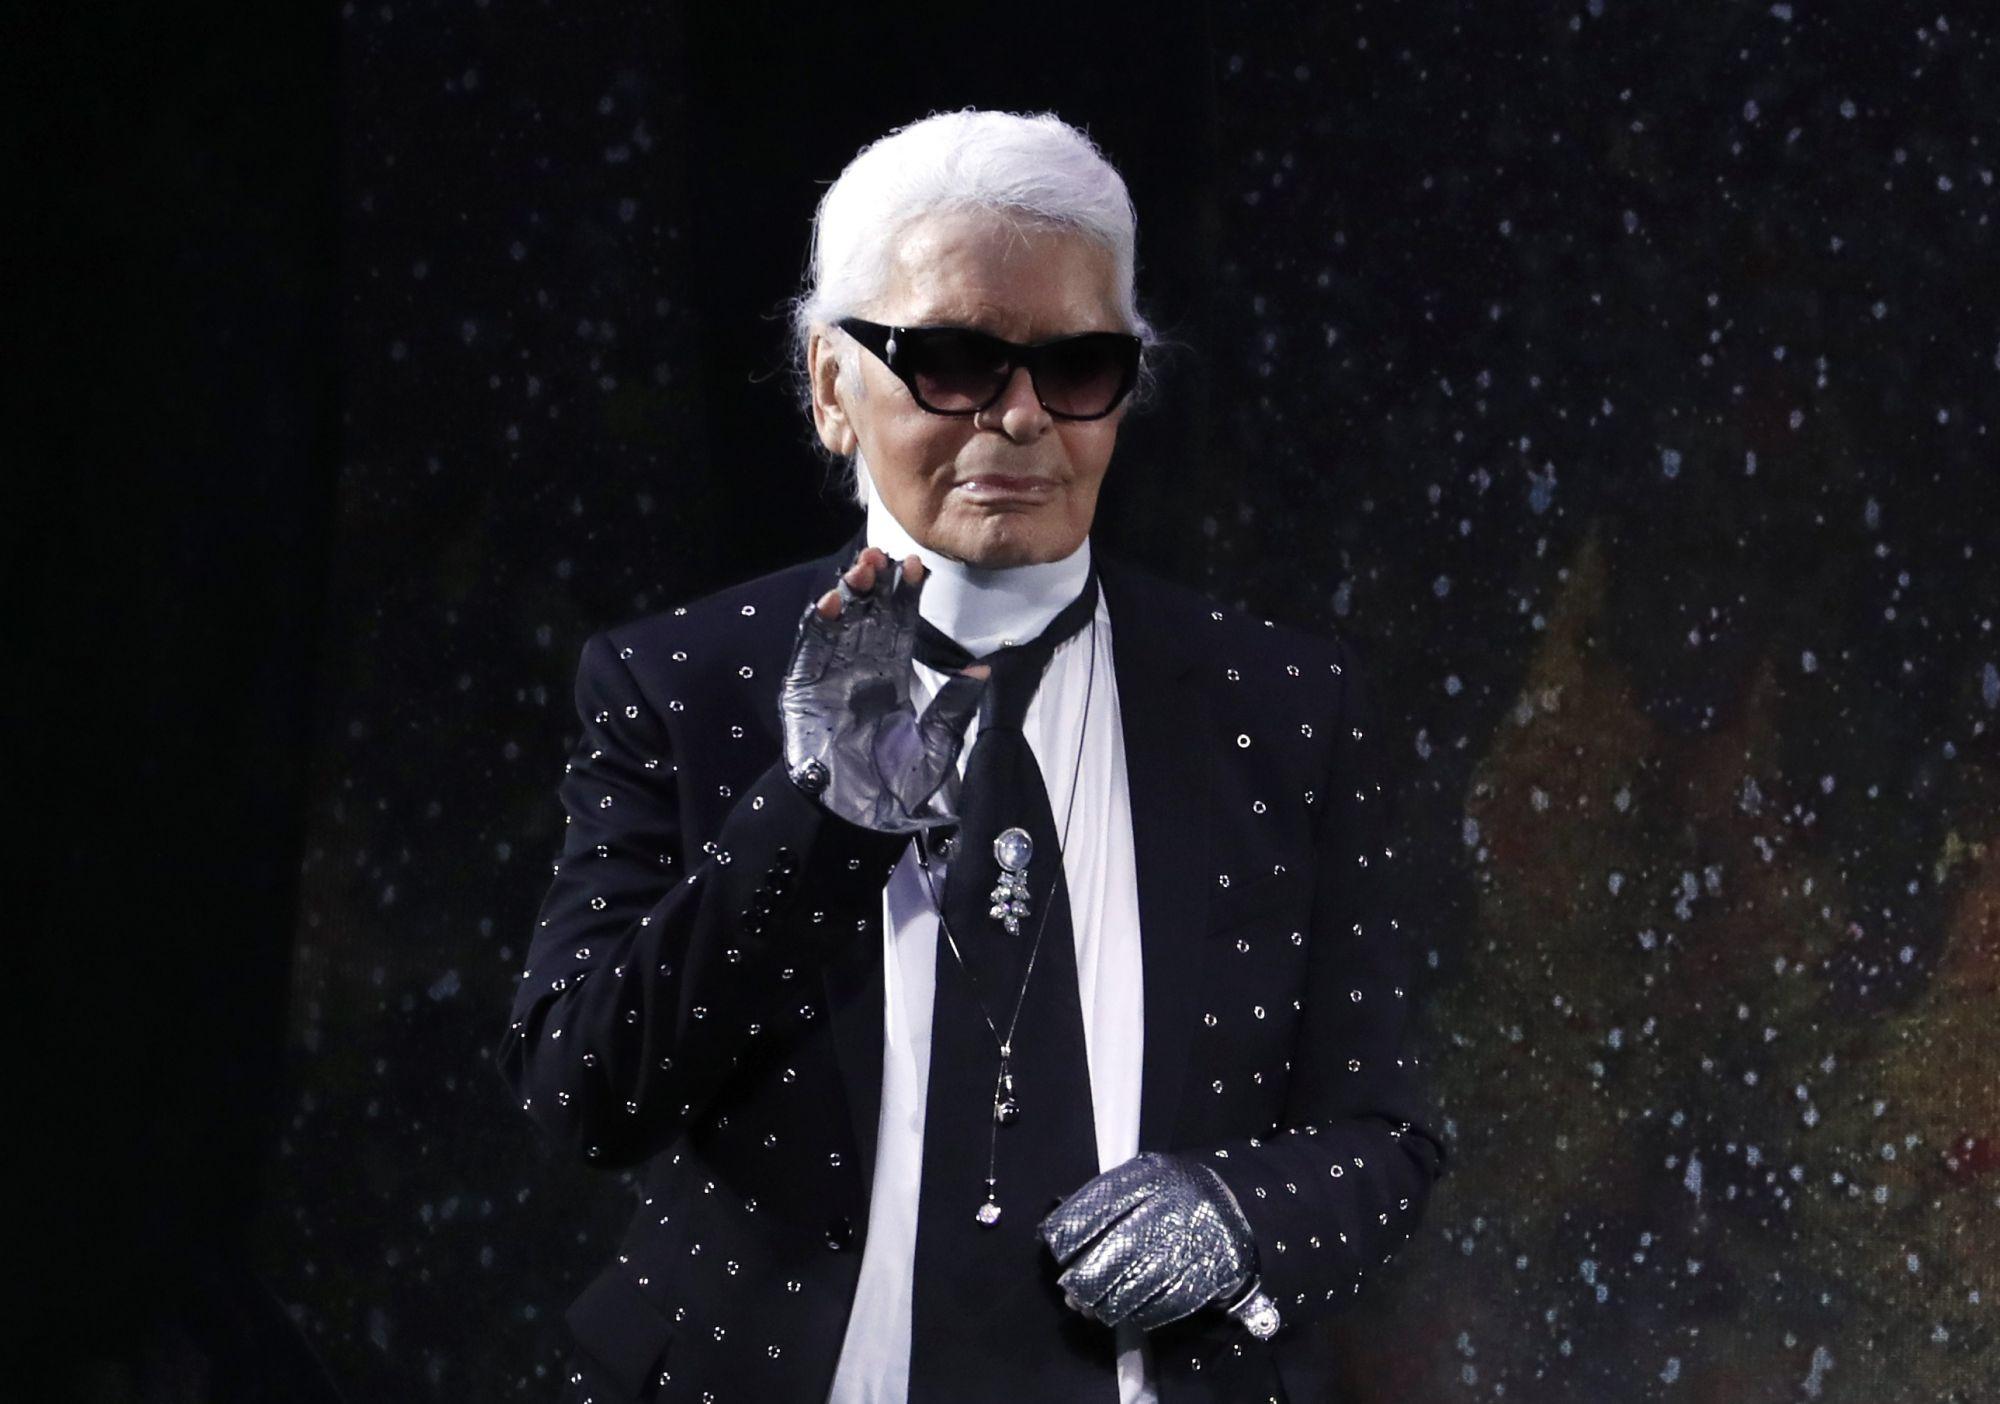 Karl Lagerfeld Dies Aged 85